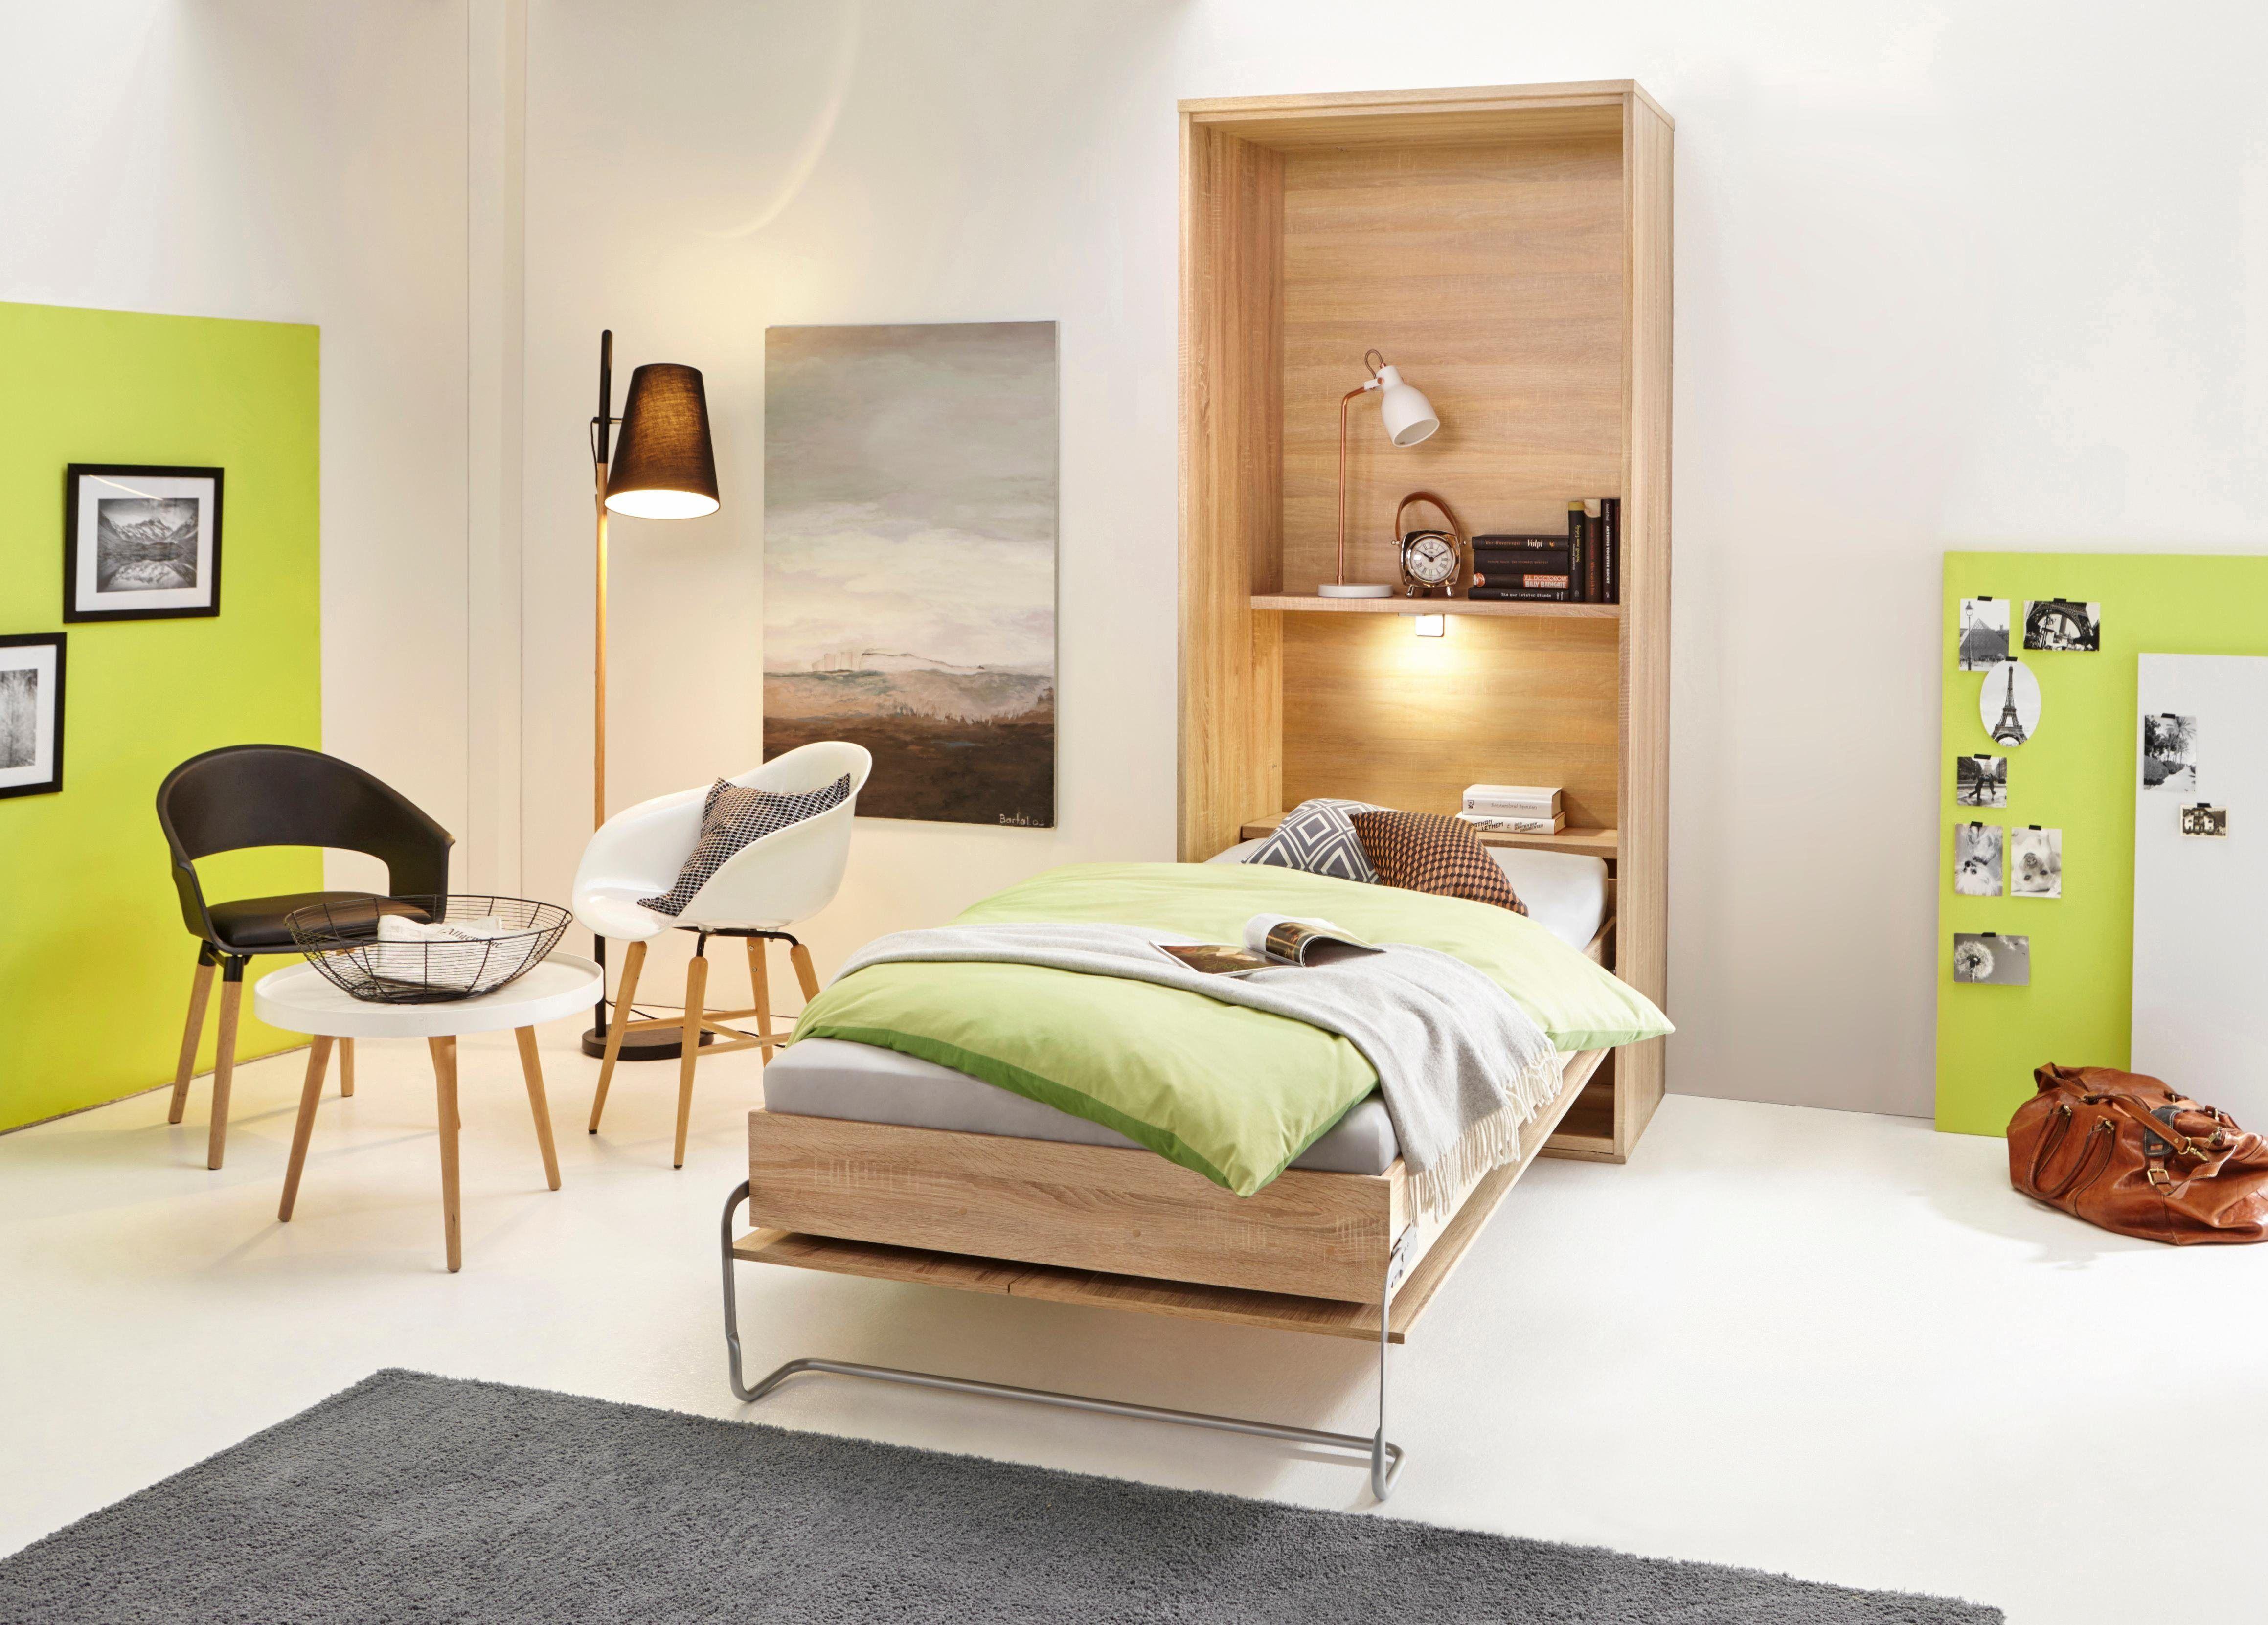 Klappbett mit Regal und LEDBeleuchtung Schlafzimmer